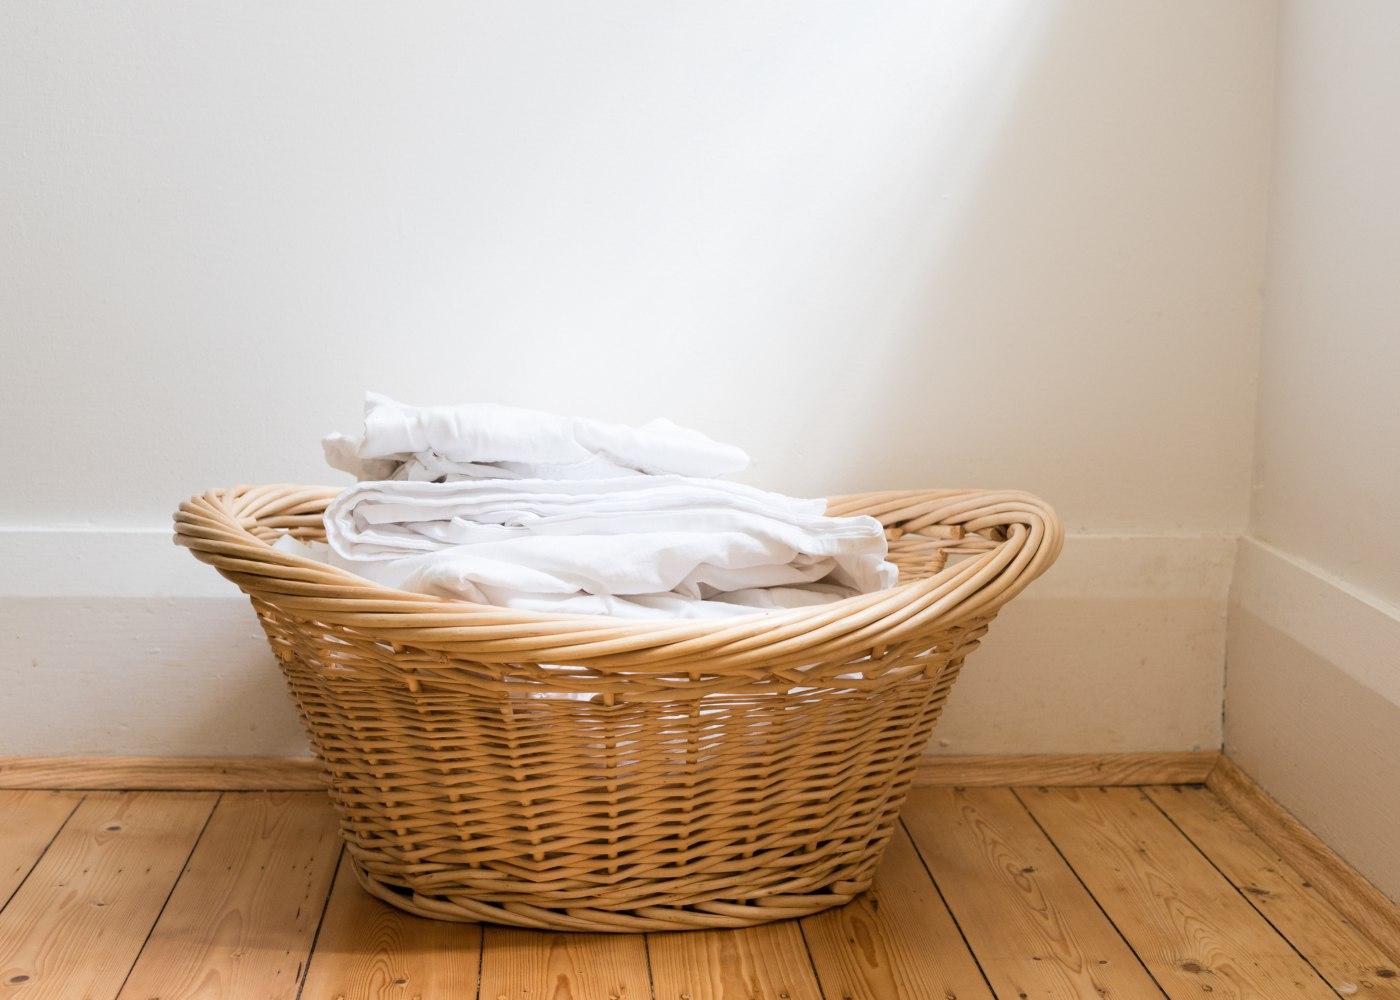 roupa seca no cesto depois de se lavar os lençóis